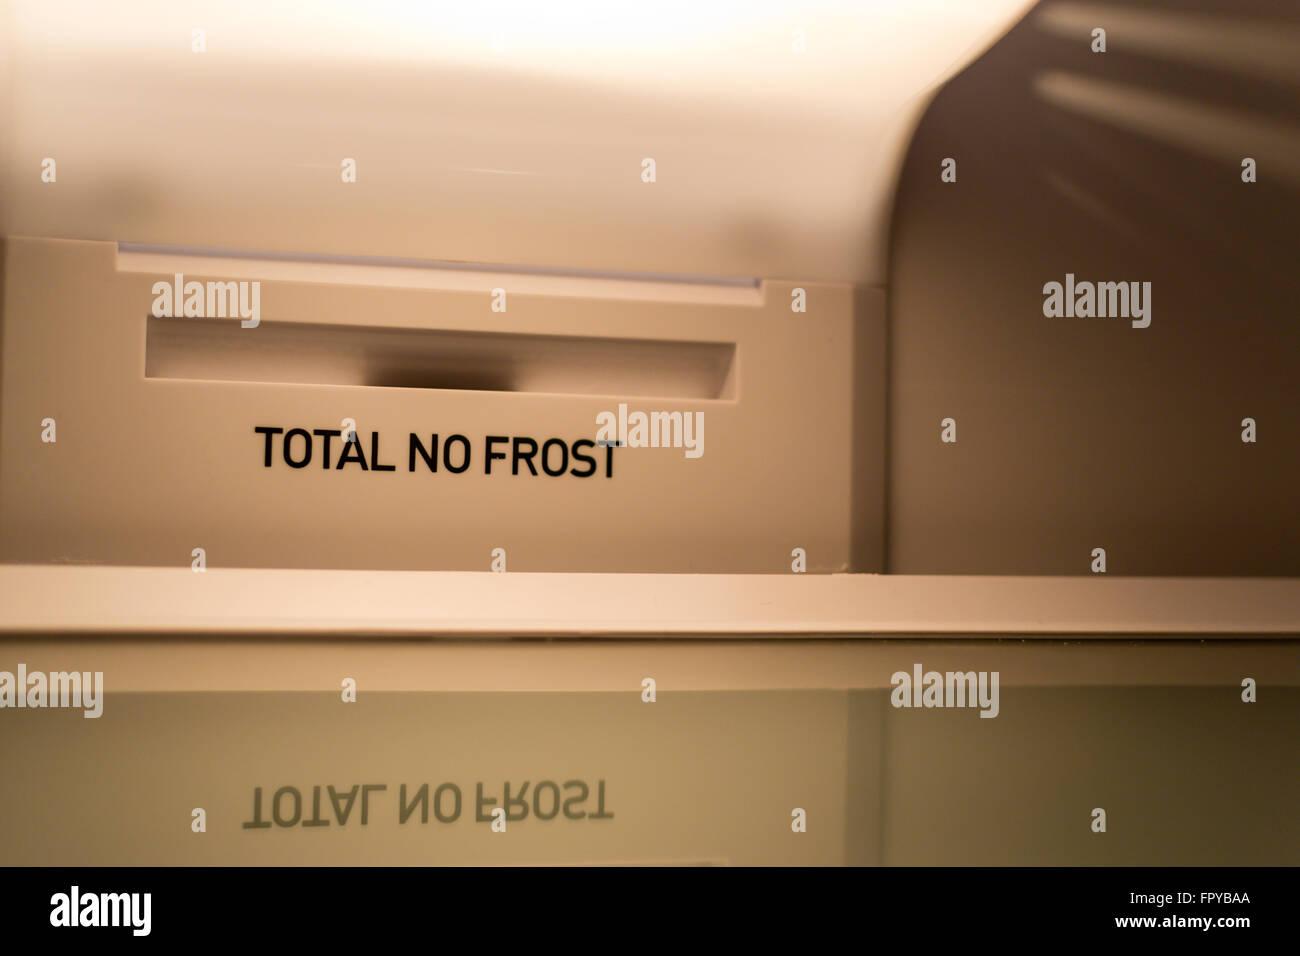 Kühlschrank Licht : Kühlschrank innenraum mit insgesamt kein frost im inneren